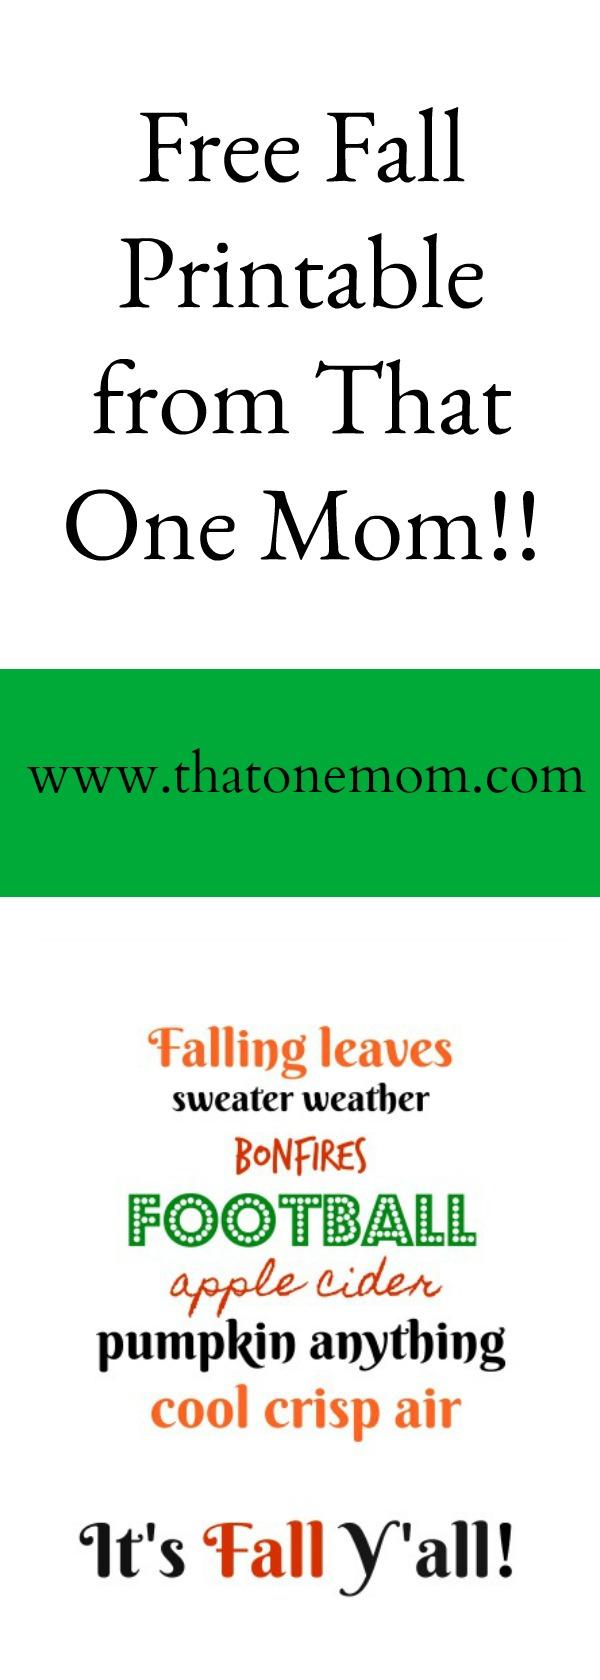 thatonemom.com